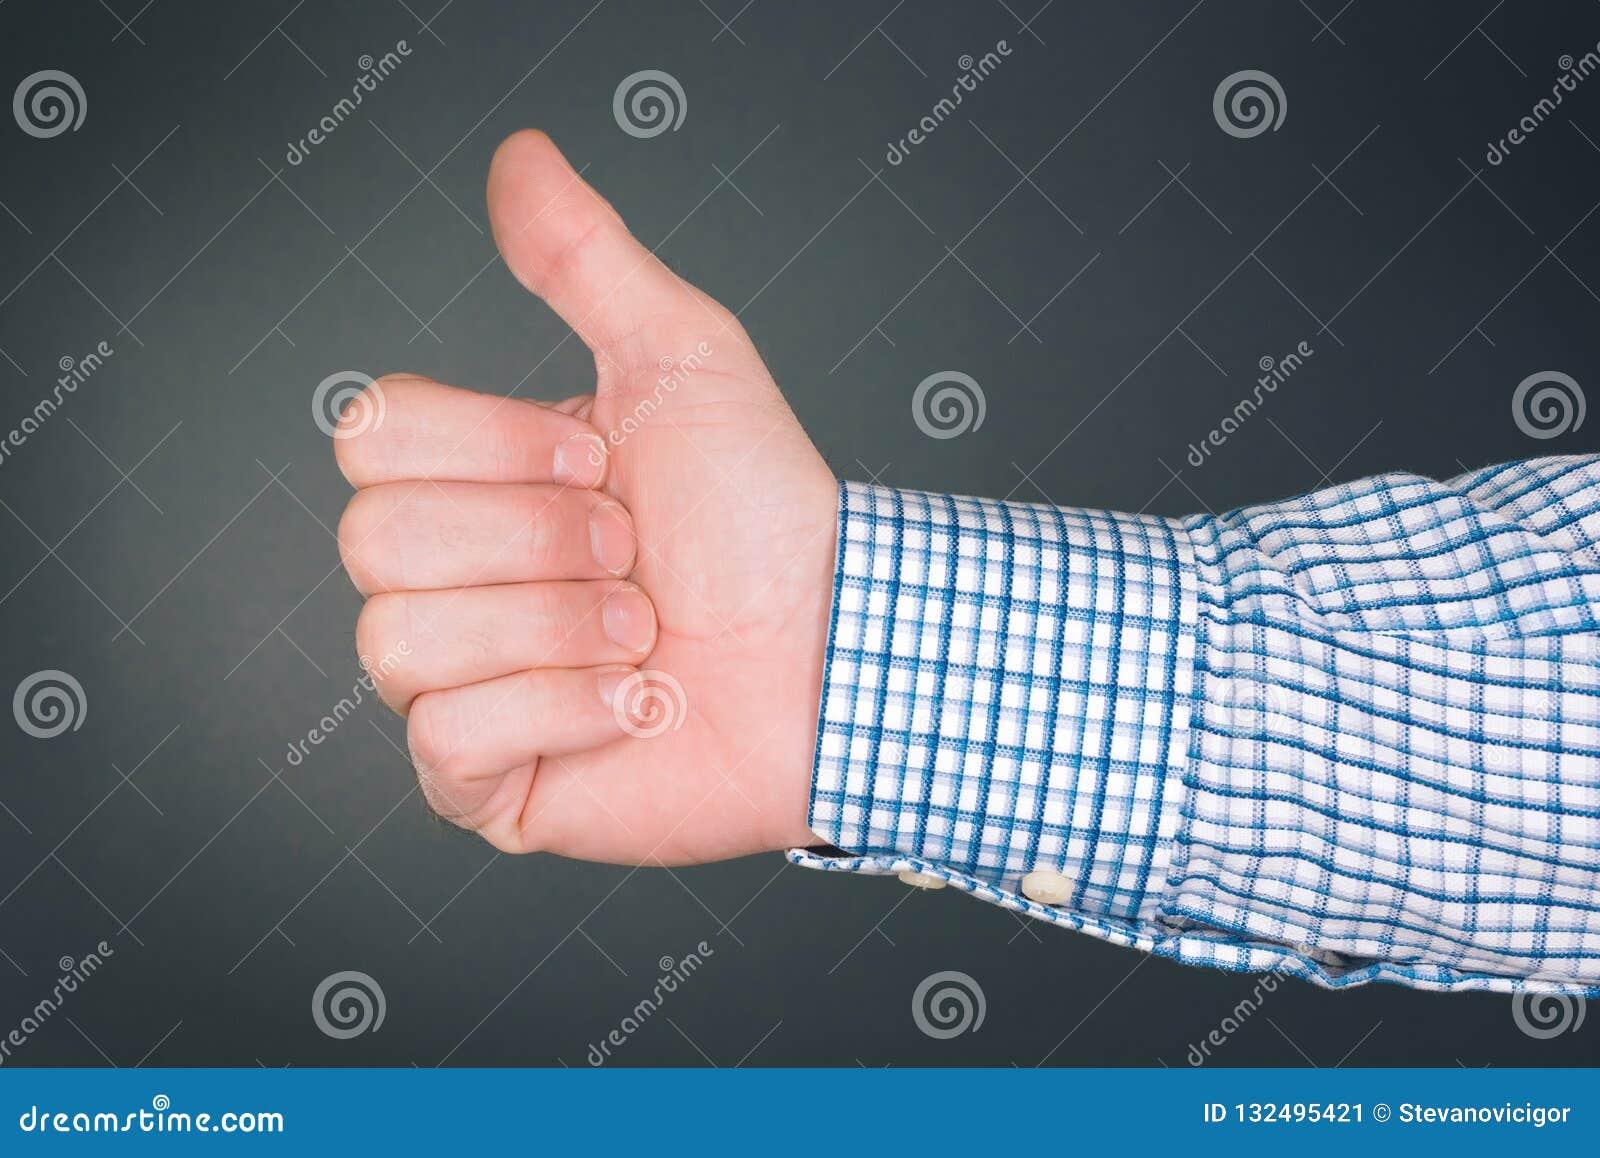 Tenga gusto y apruebe del gesto de mano con el pulgar para arriba